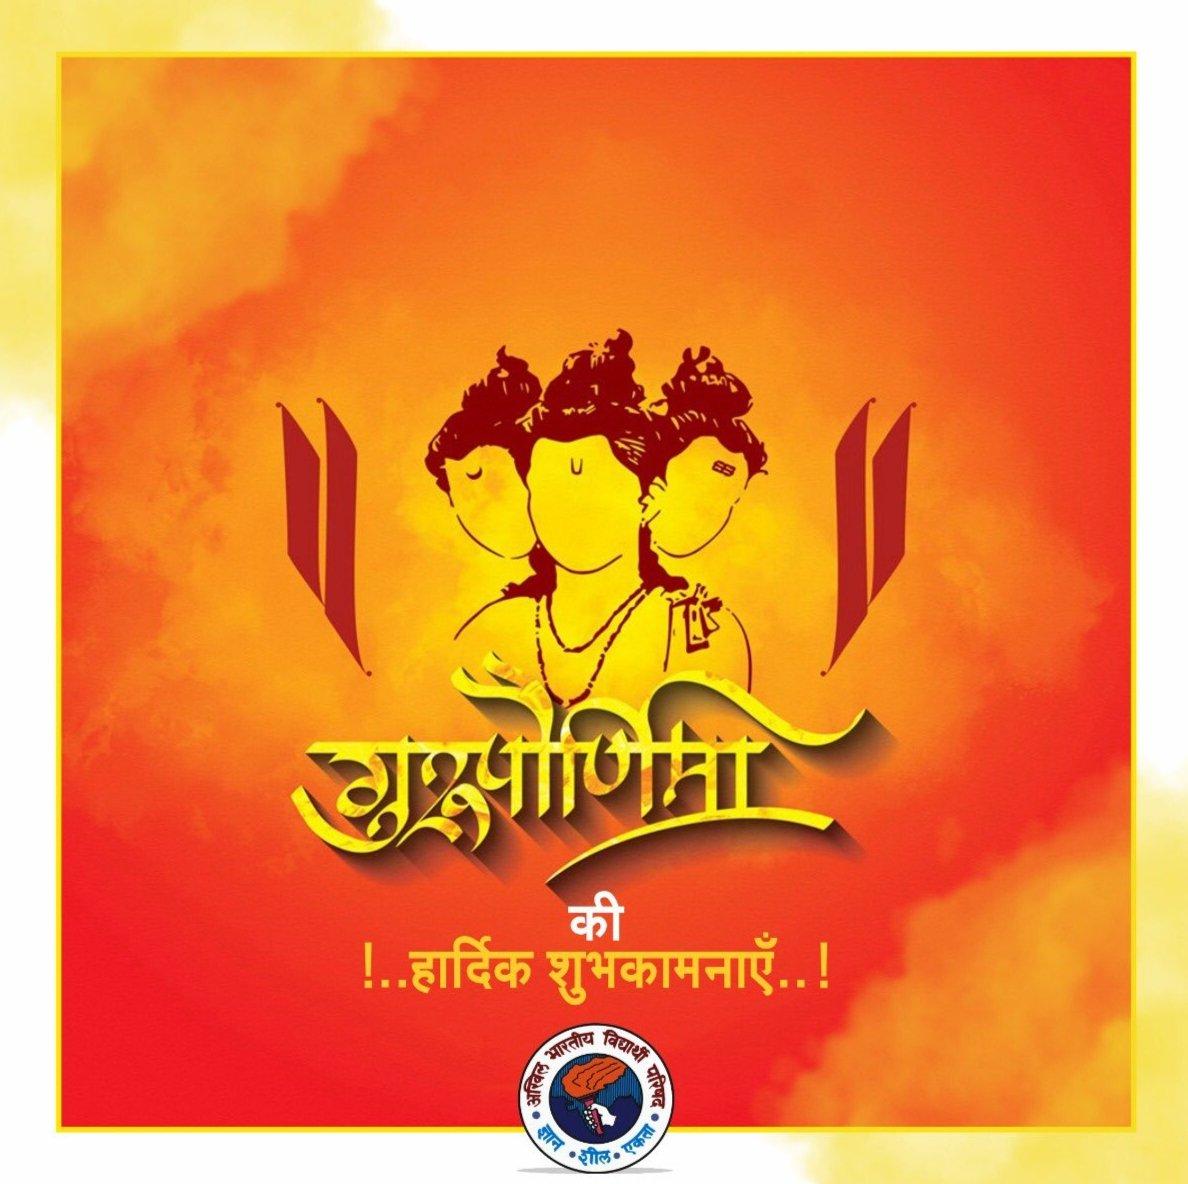 गुरुर्ब्रह्मा ग्रुरुर्विष्णुः गुरुर्देवो महेश्वरः।  गुरुः साक्षात् परं ब्रह्म तस्मै श्री गुरवे नमः॥   गुरु पूर्णिमा की हार्दिक शुभकामनाएं।  #GuruPurnima